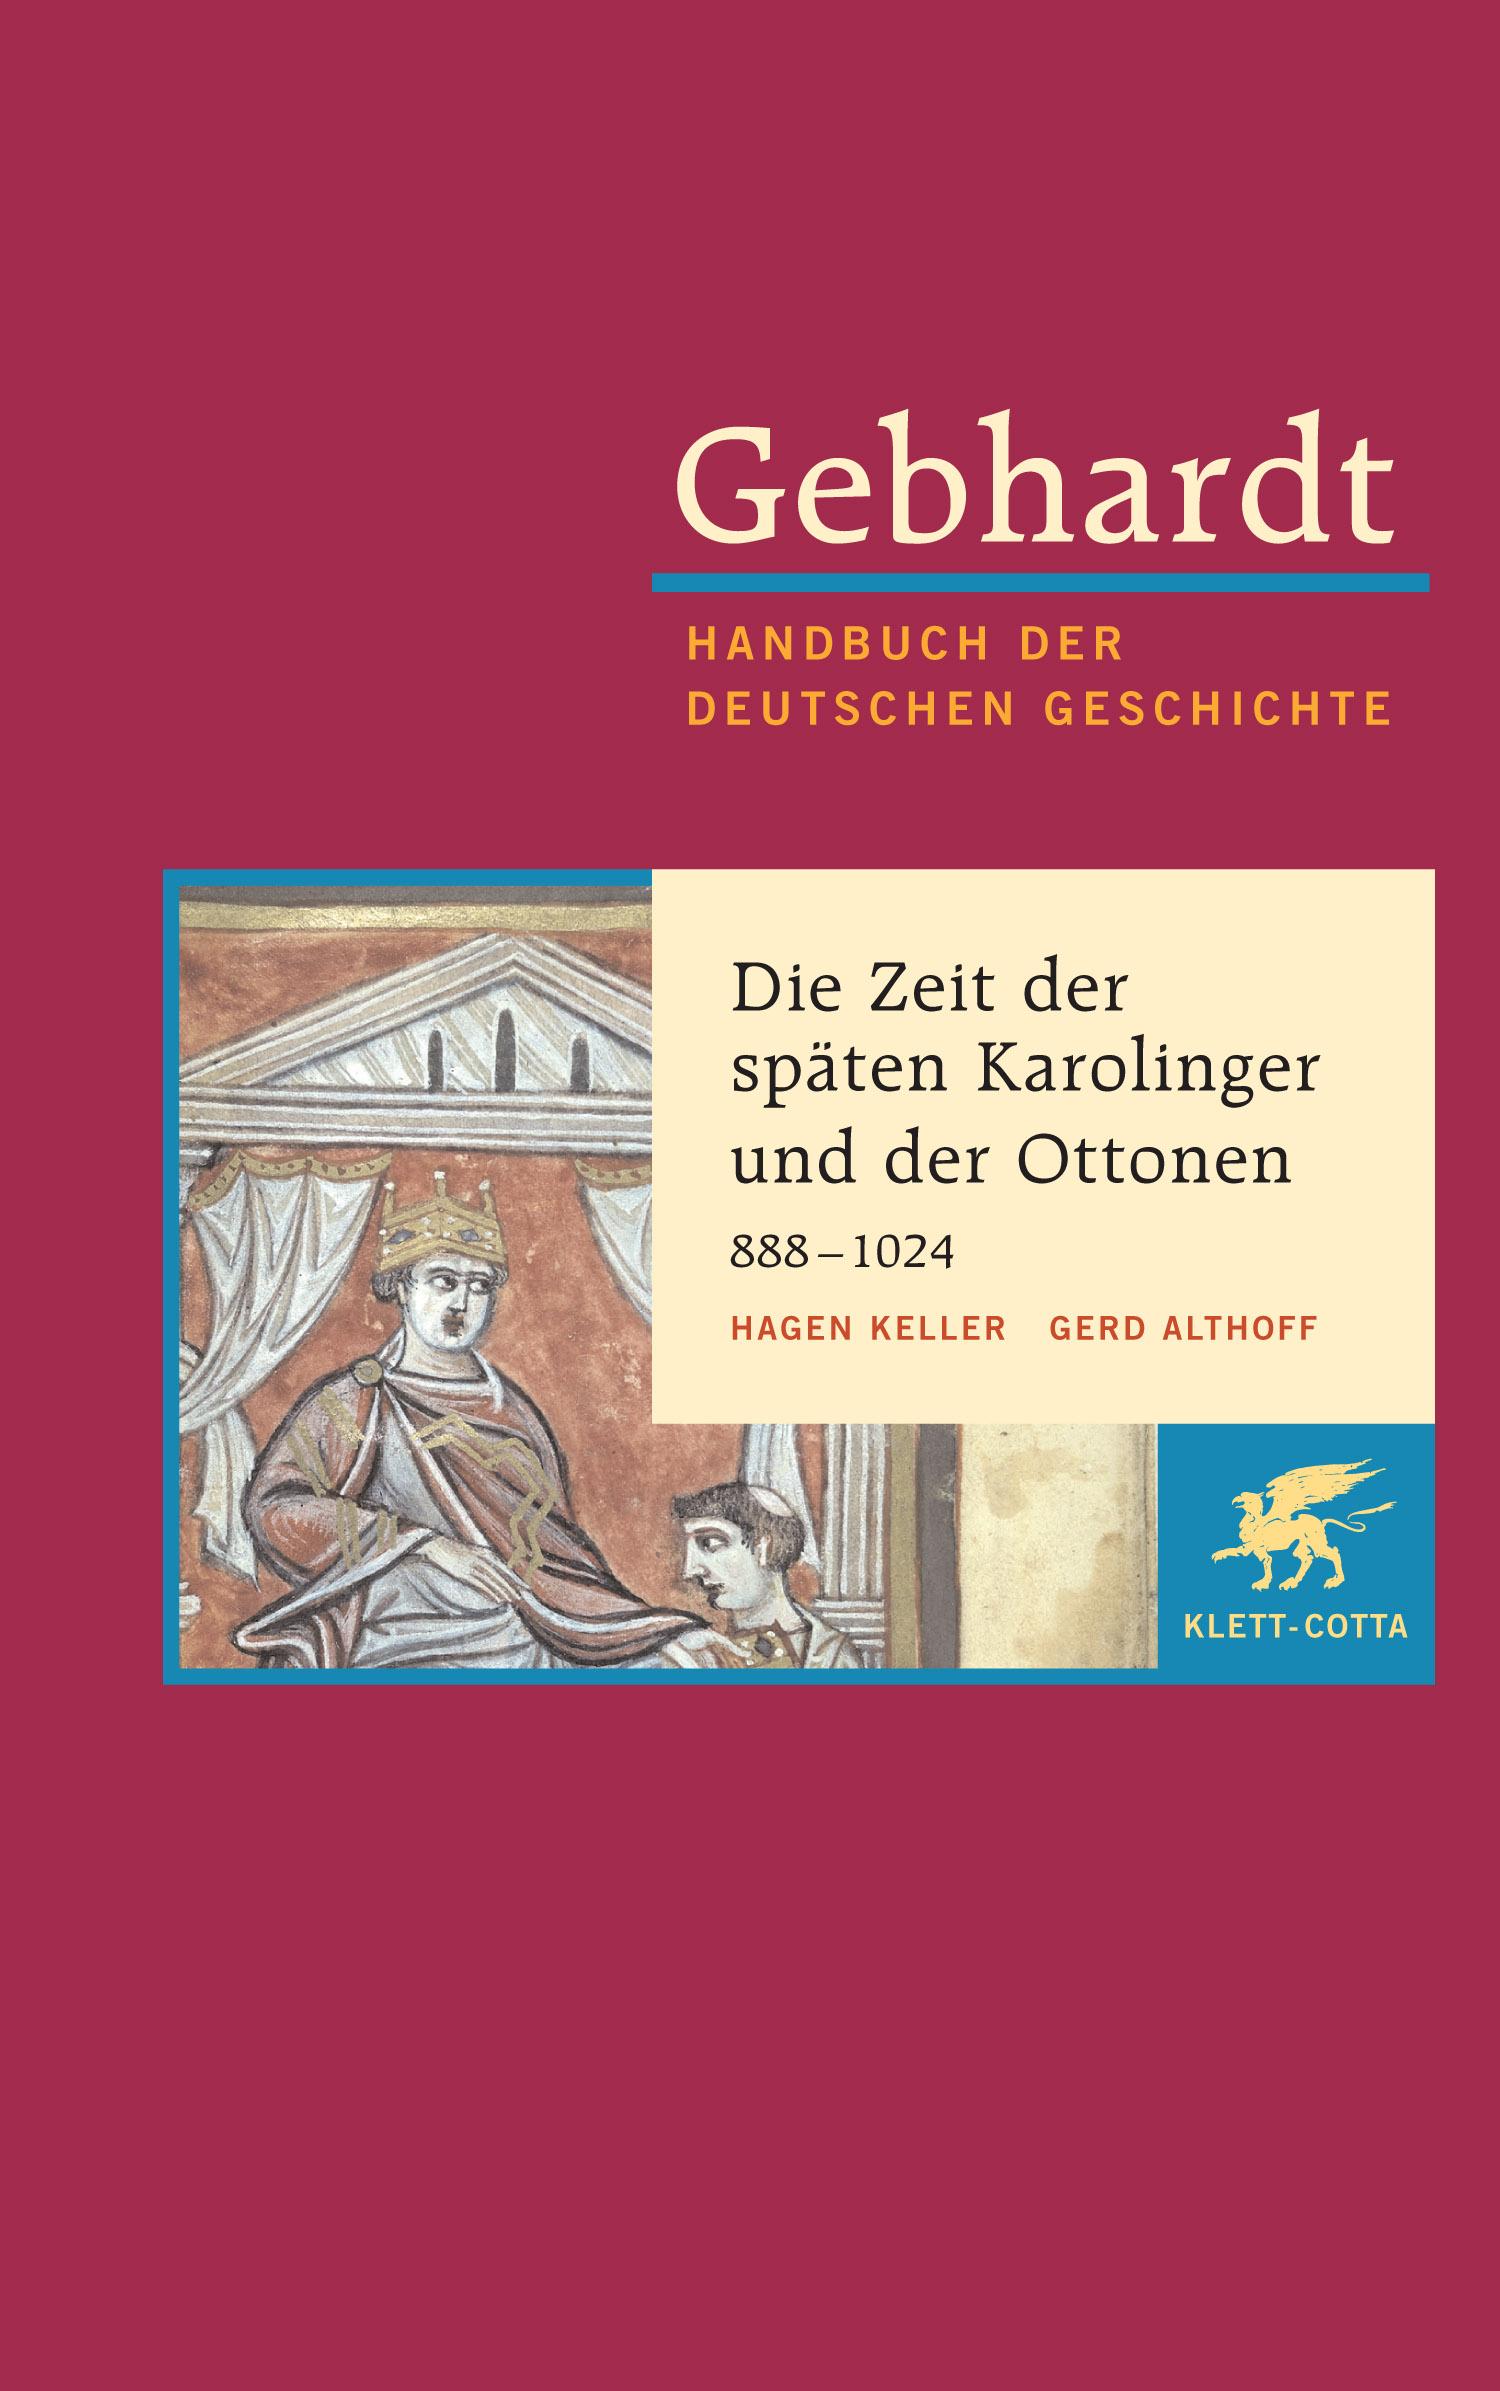 Die Zeit der späten Karolinger und der Ottonen | Hagen Kelle ... 9783608600032